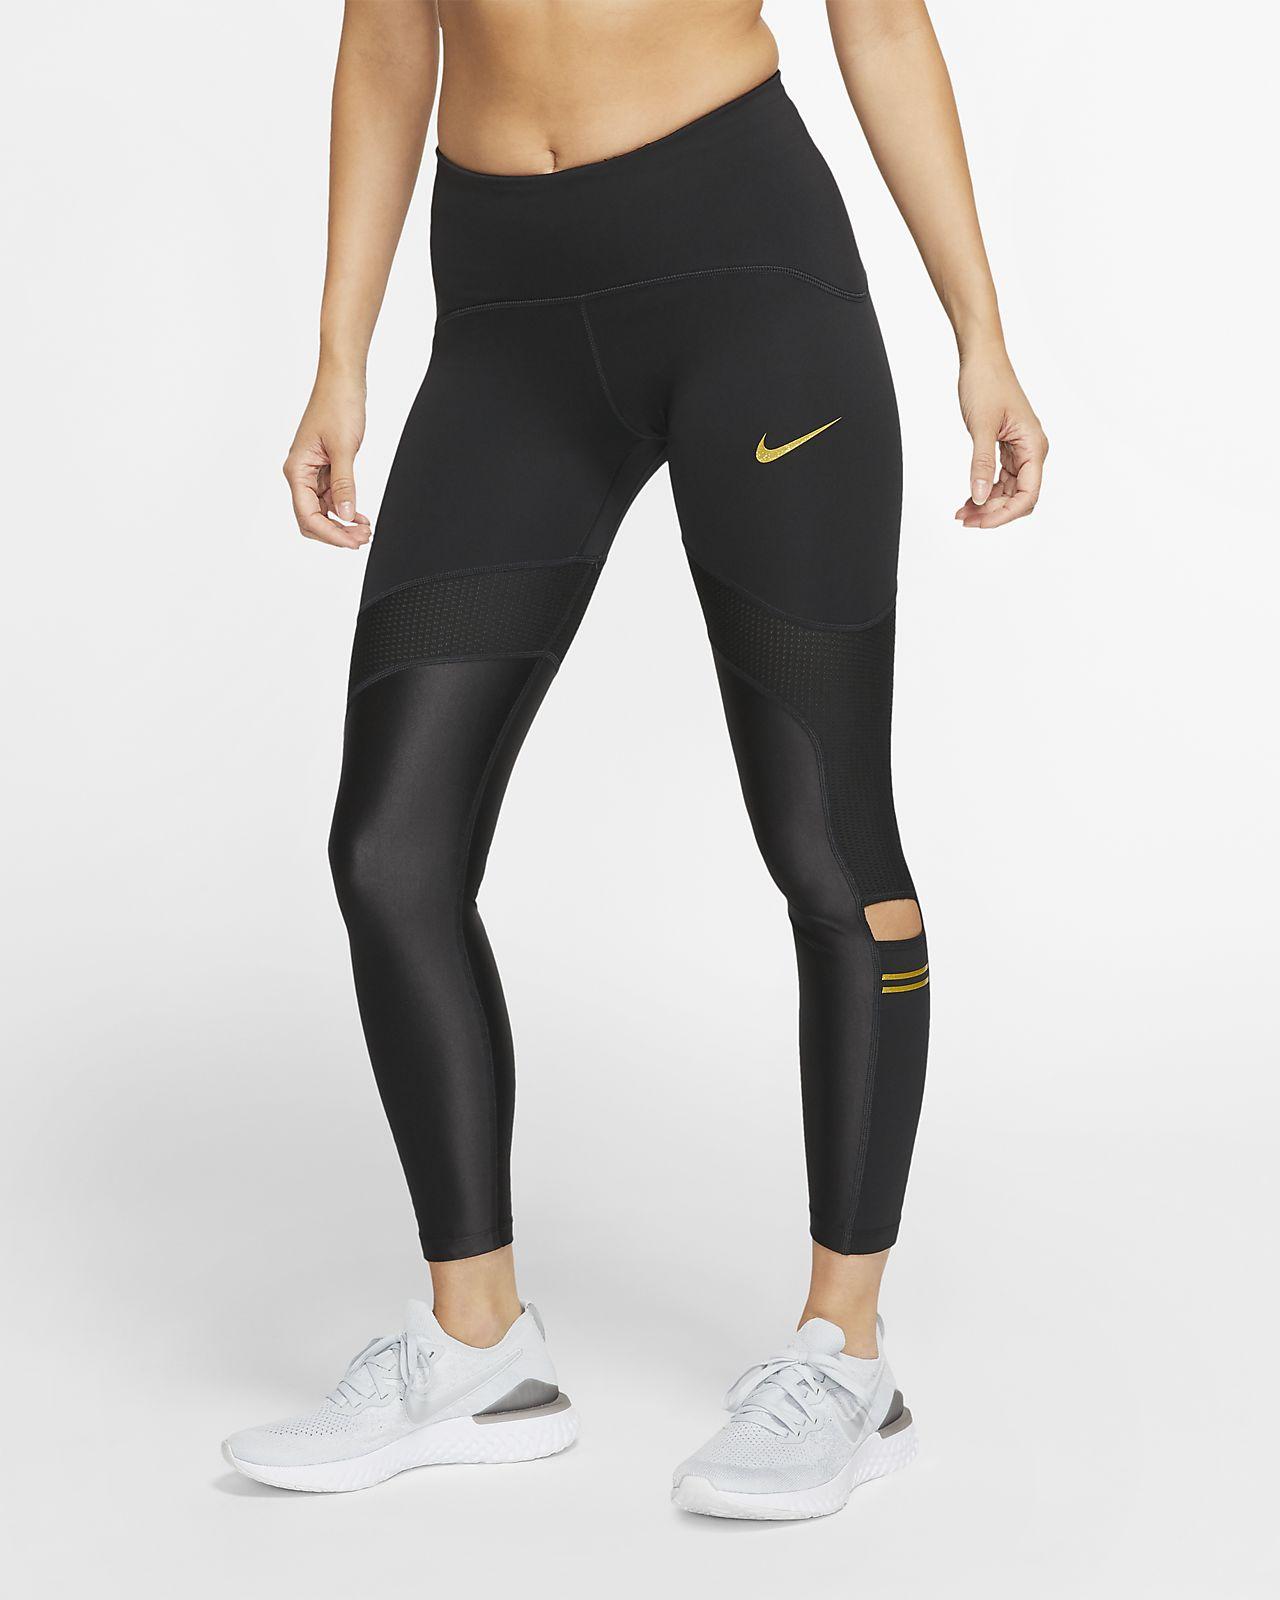 Legging de running 7/8 Nike Speed pour Femme